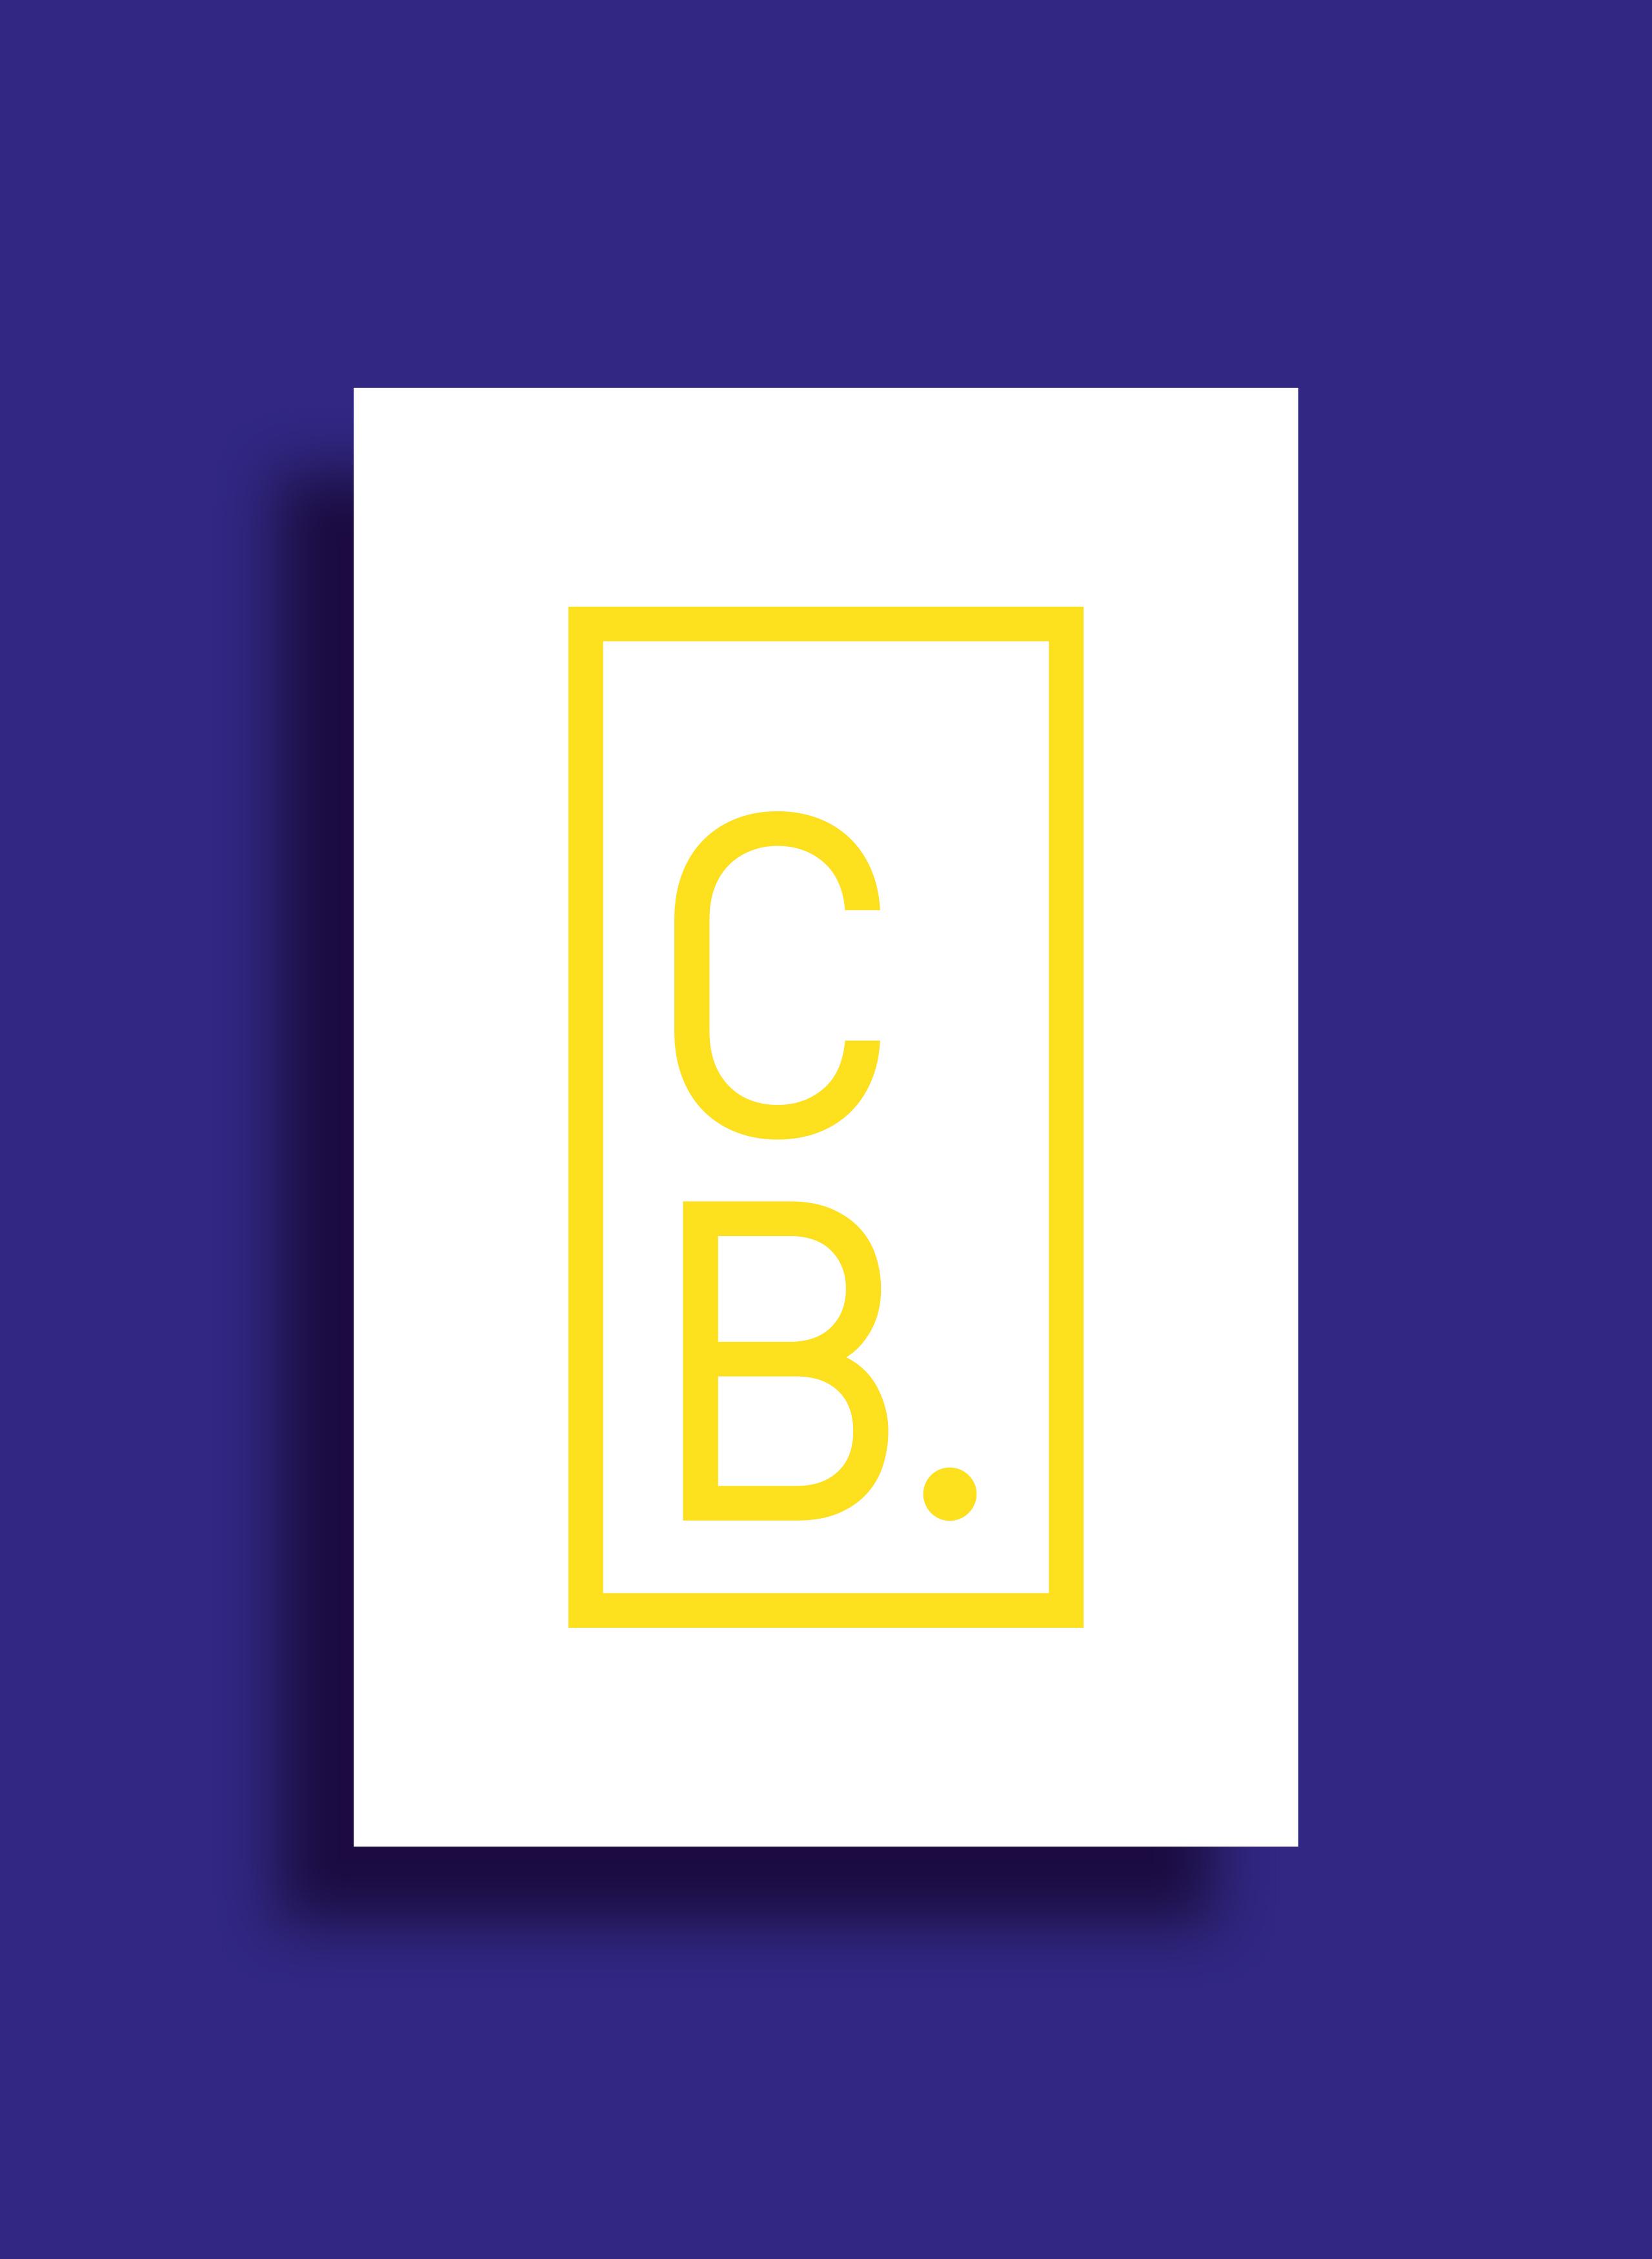 Melanie Brandel, Grafikdesign, Bern, Solothurn, cb point gmbh, Clea Bauch, Corporate Design, Briefschaften